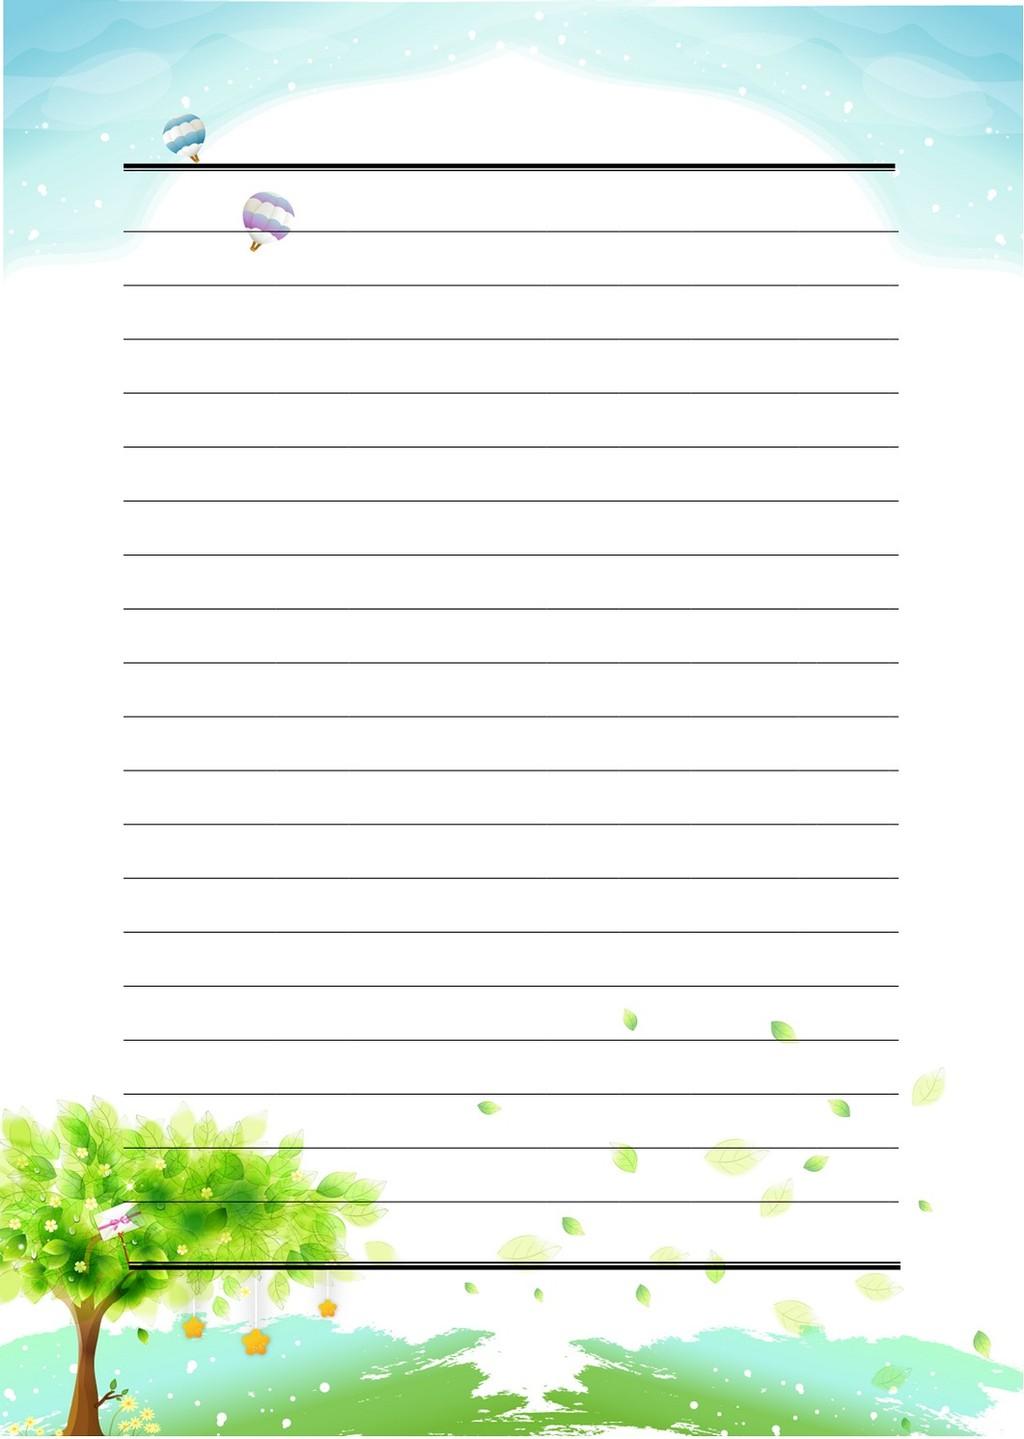 手绘树信纸模板下载 手绘树信纸图片下载 信纸图片下载